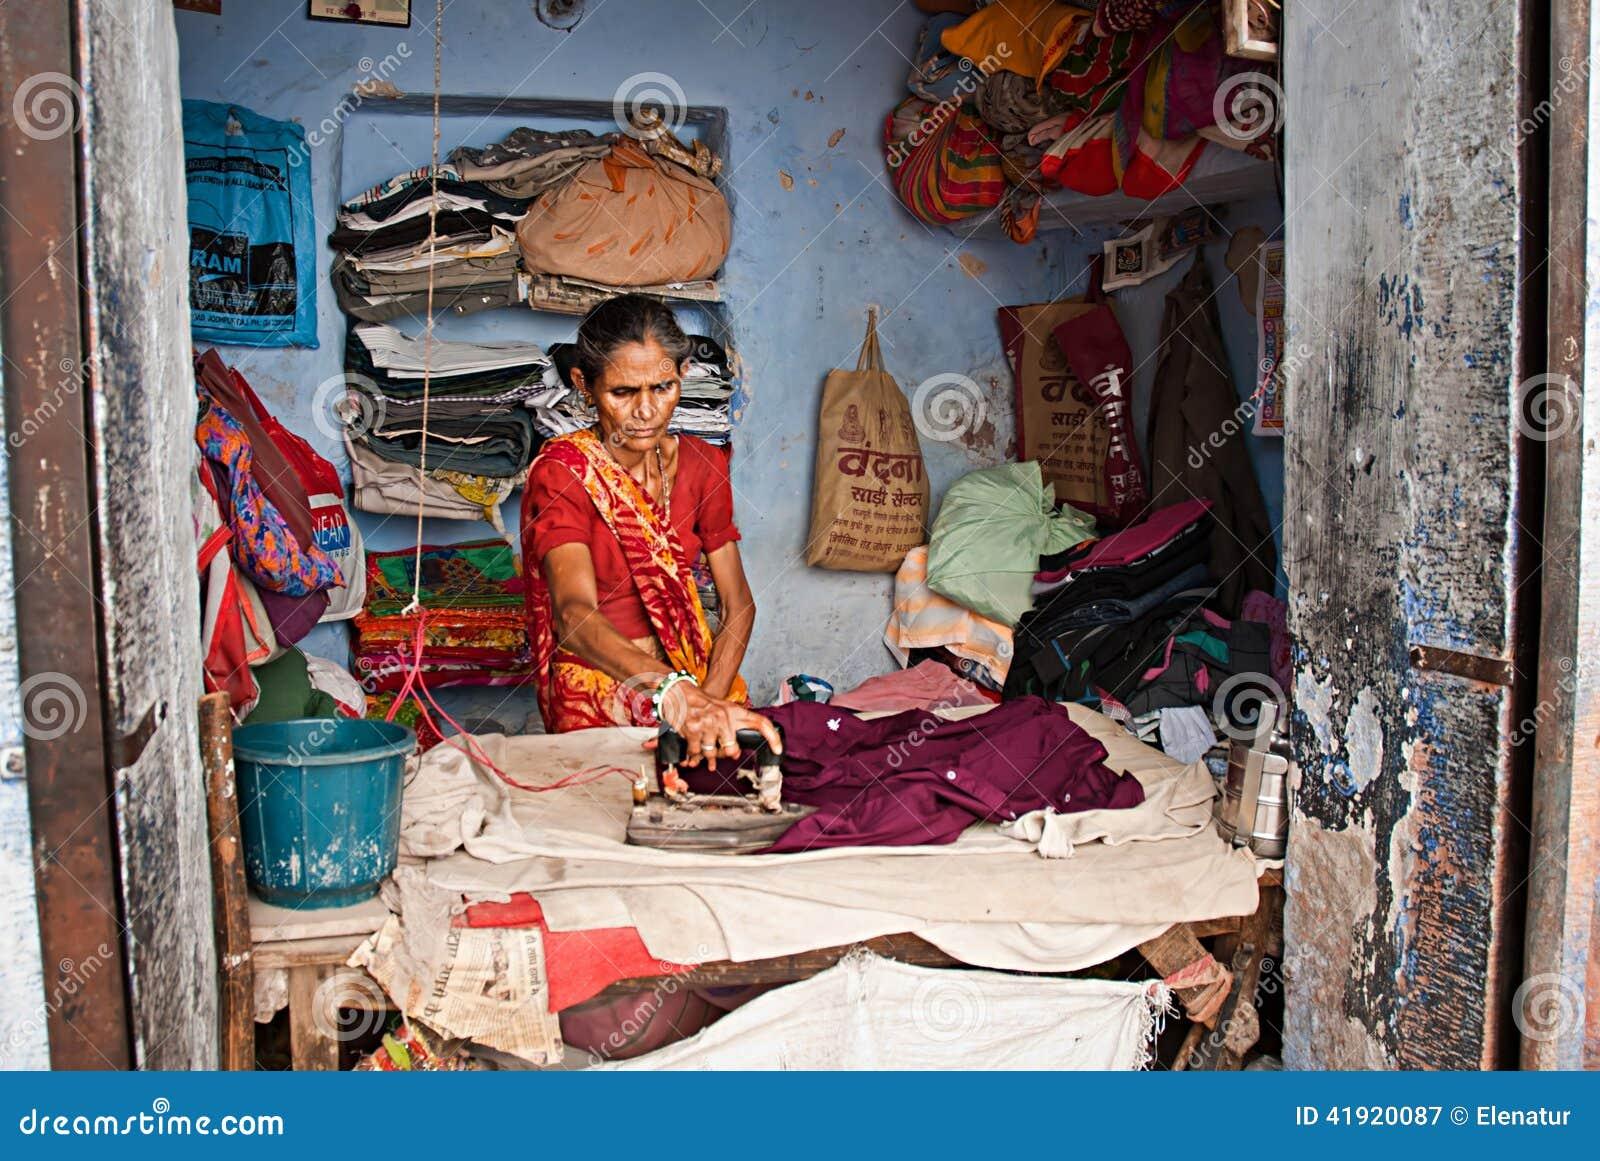 ДЖОДХПУР, ИНДИЯ - SEPT. 21: Работайте на улице, индийской женщине